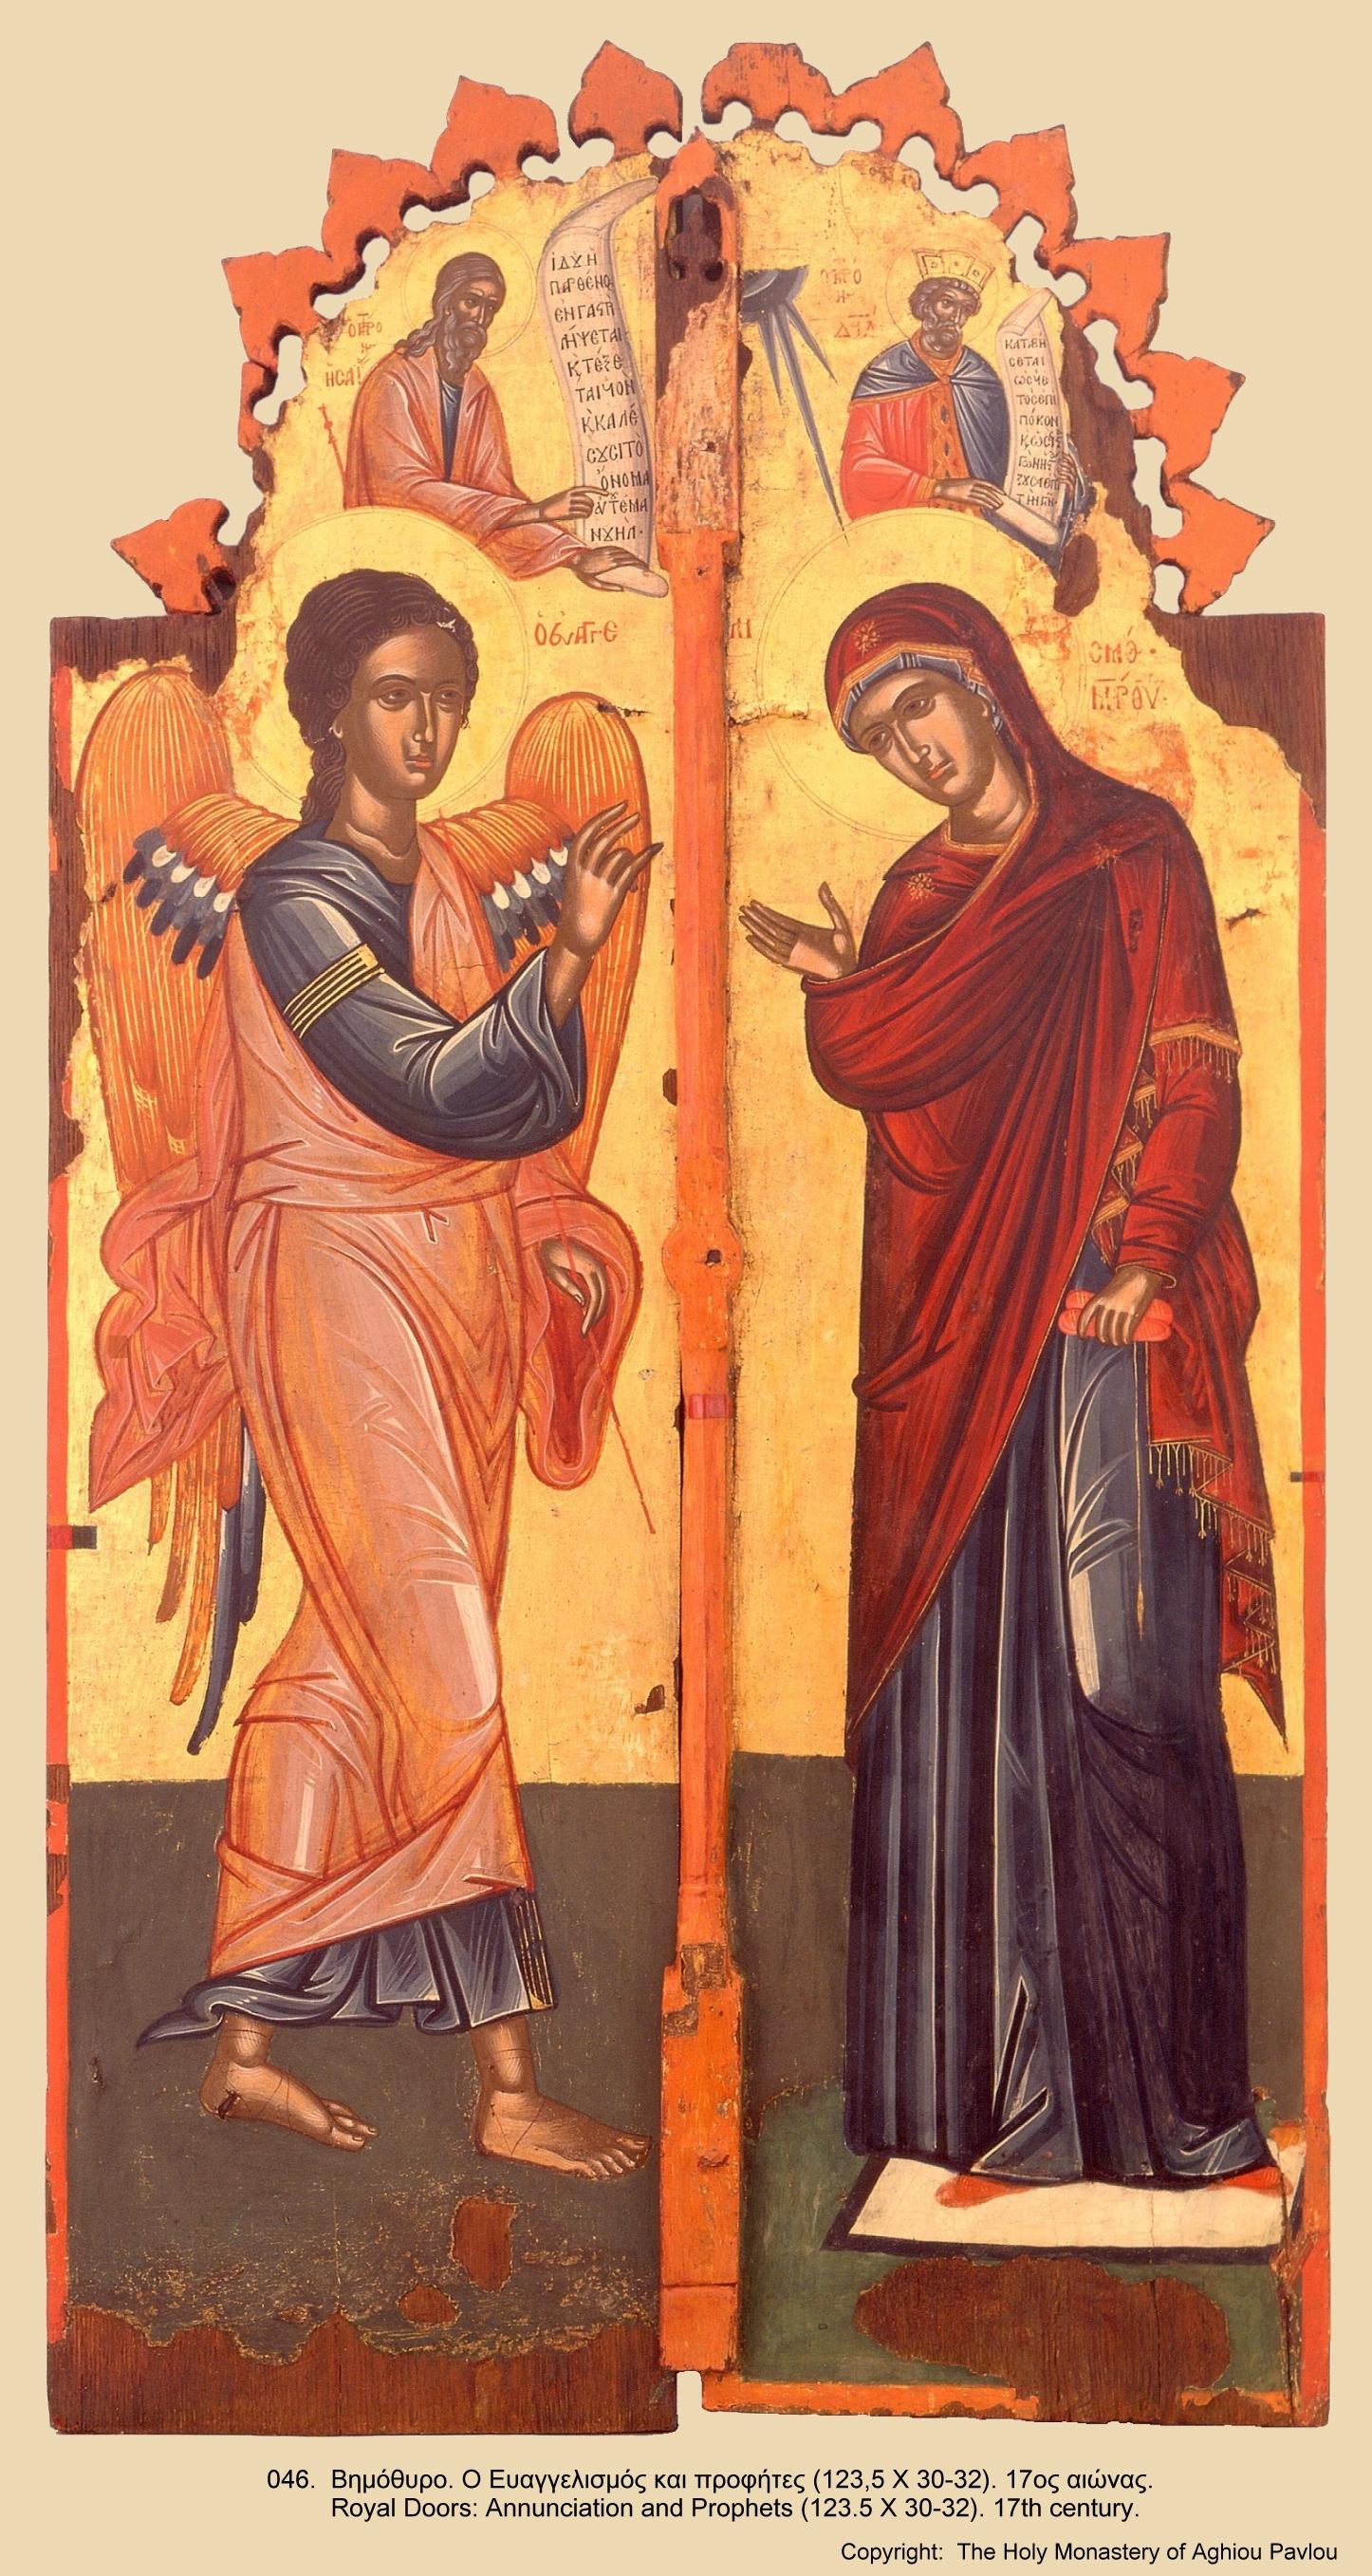 Иконы монастыря св. Павла (44)